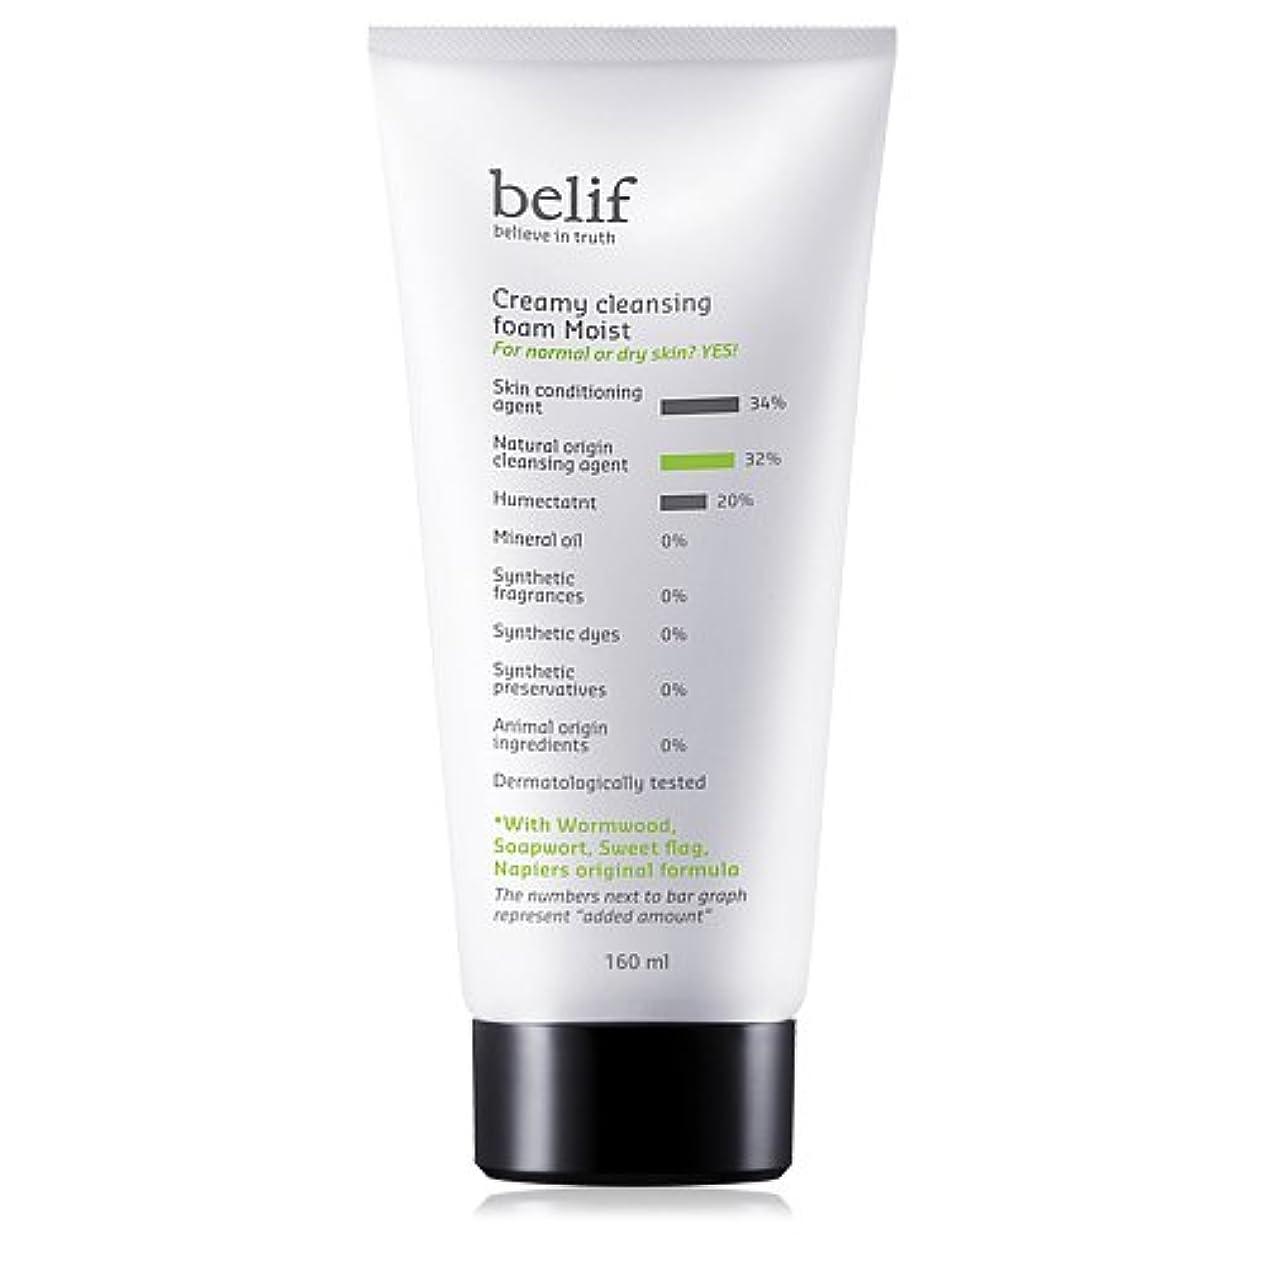 フェード荒野一貫性のないBelif(ビリーフ)Creamy cleansing foam moist 160ml[ビリーフクリーミークレンジングフォームモイスト]